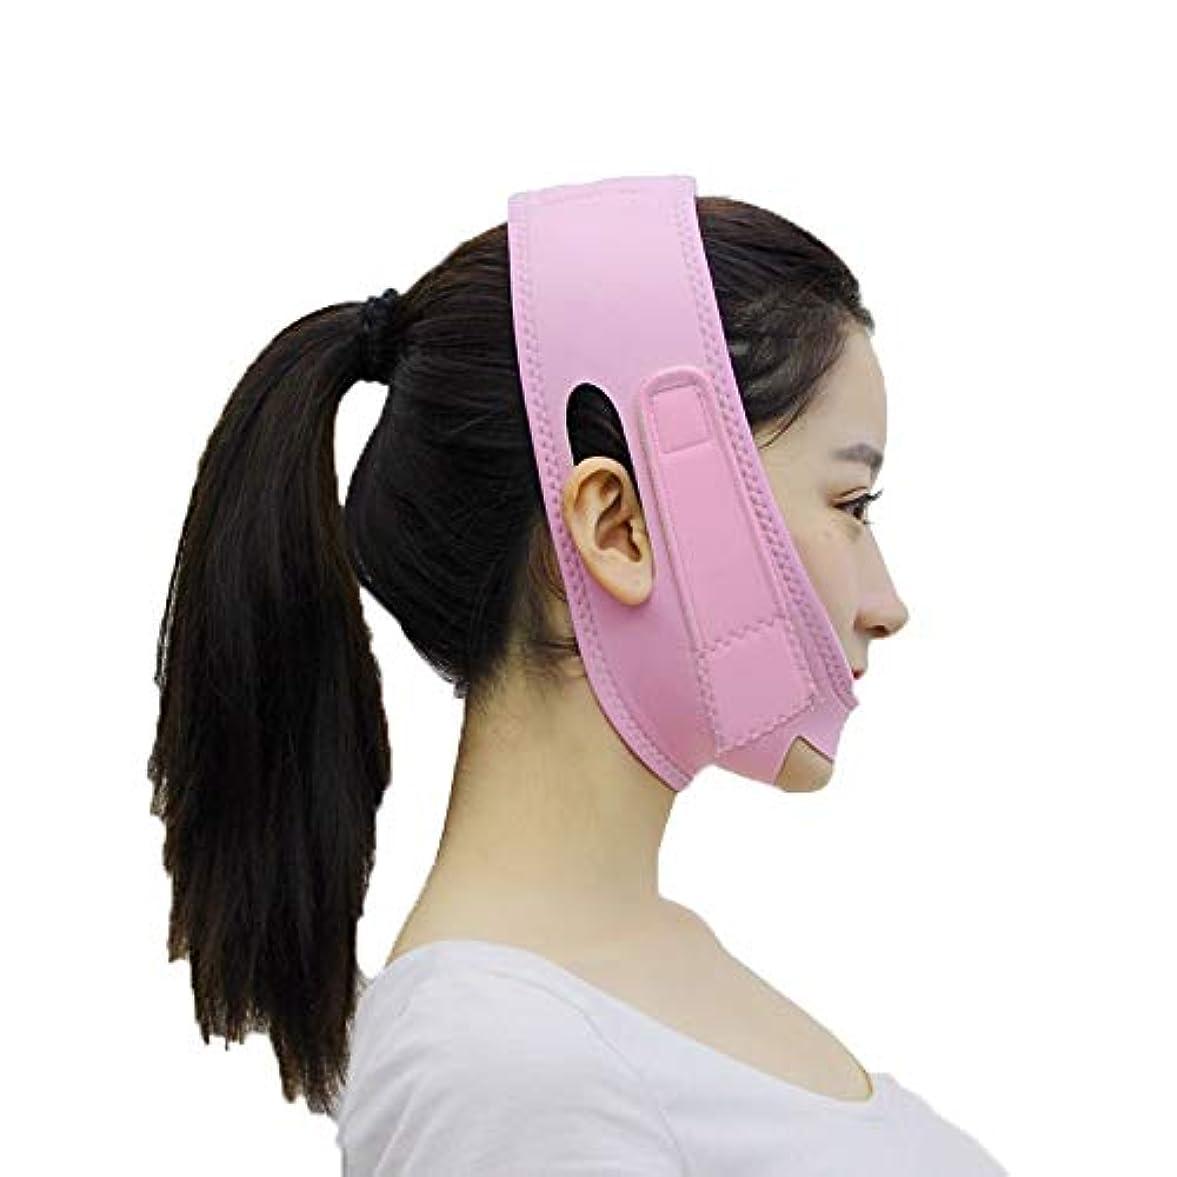 優れた見せます現在ZPSM 薄くて軽い フェイスリフティングベルト、V-フェイスマスク、フェイシャル?ルーピングダブルチンリデューサーを防止する顔の皮膚ファーミングフェイシャル?形成外科包帯リフティング (Color : A)